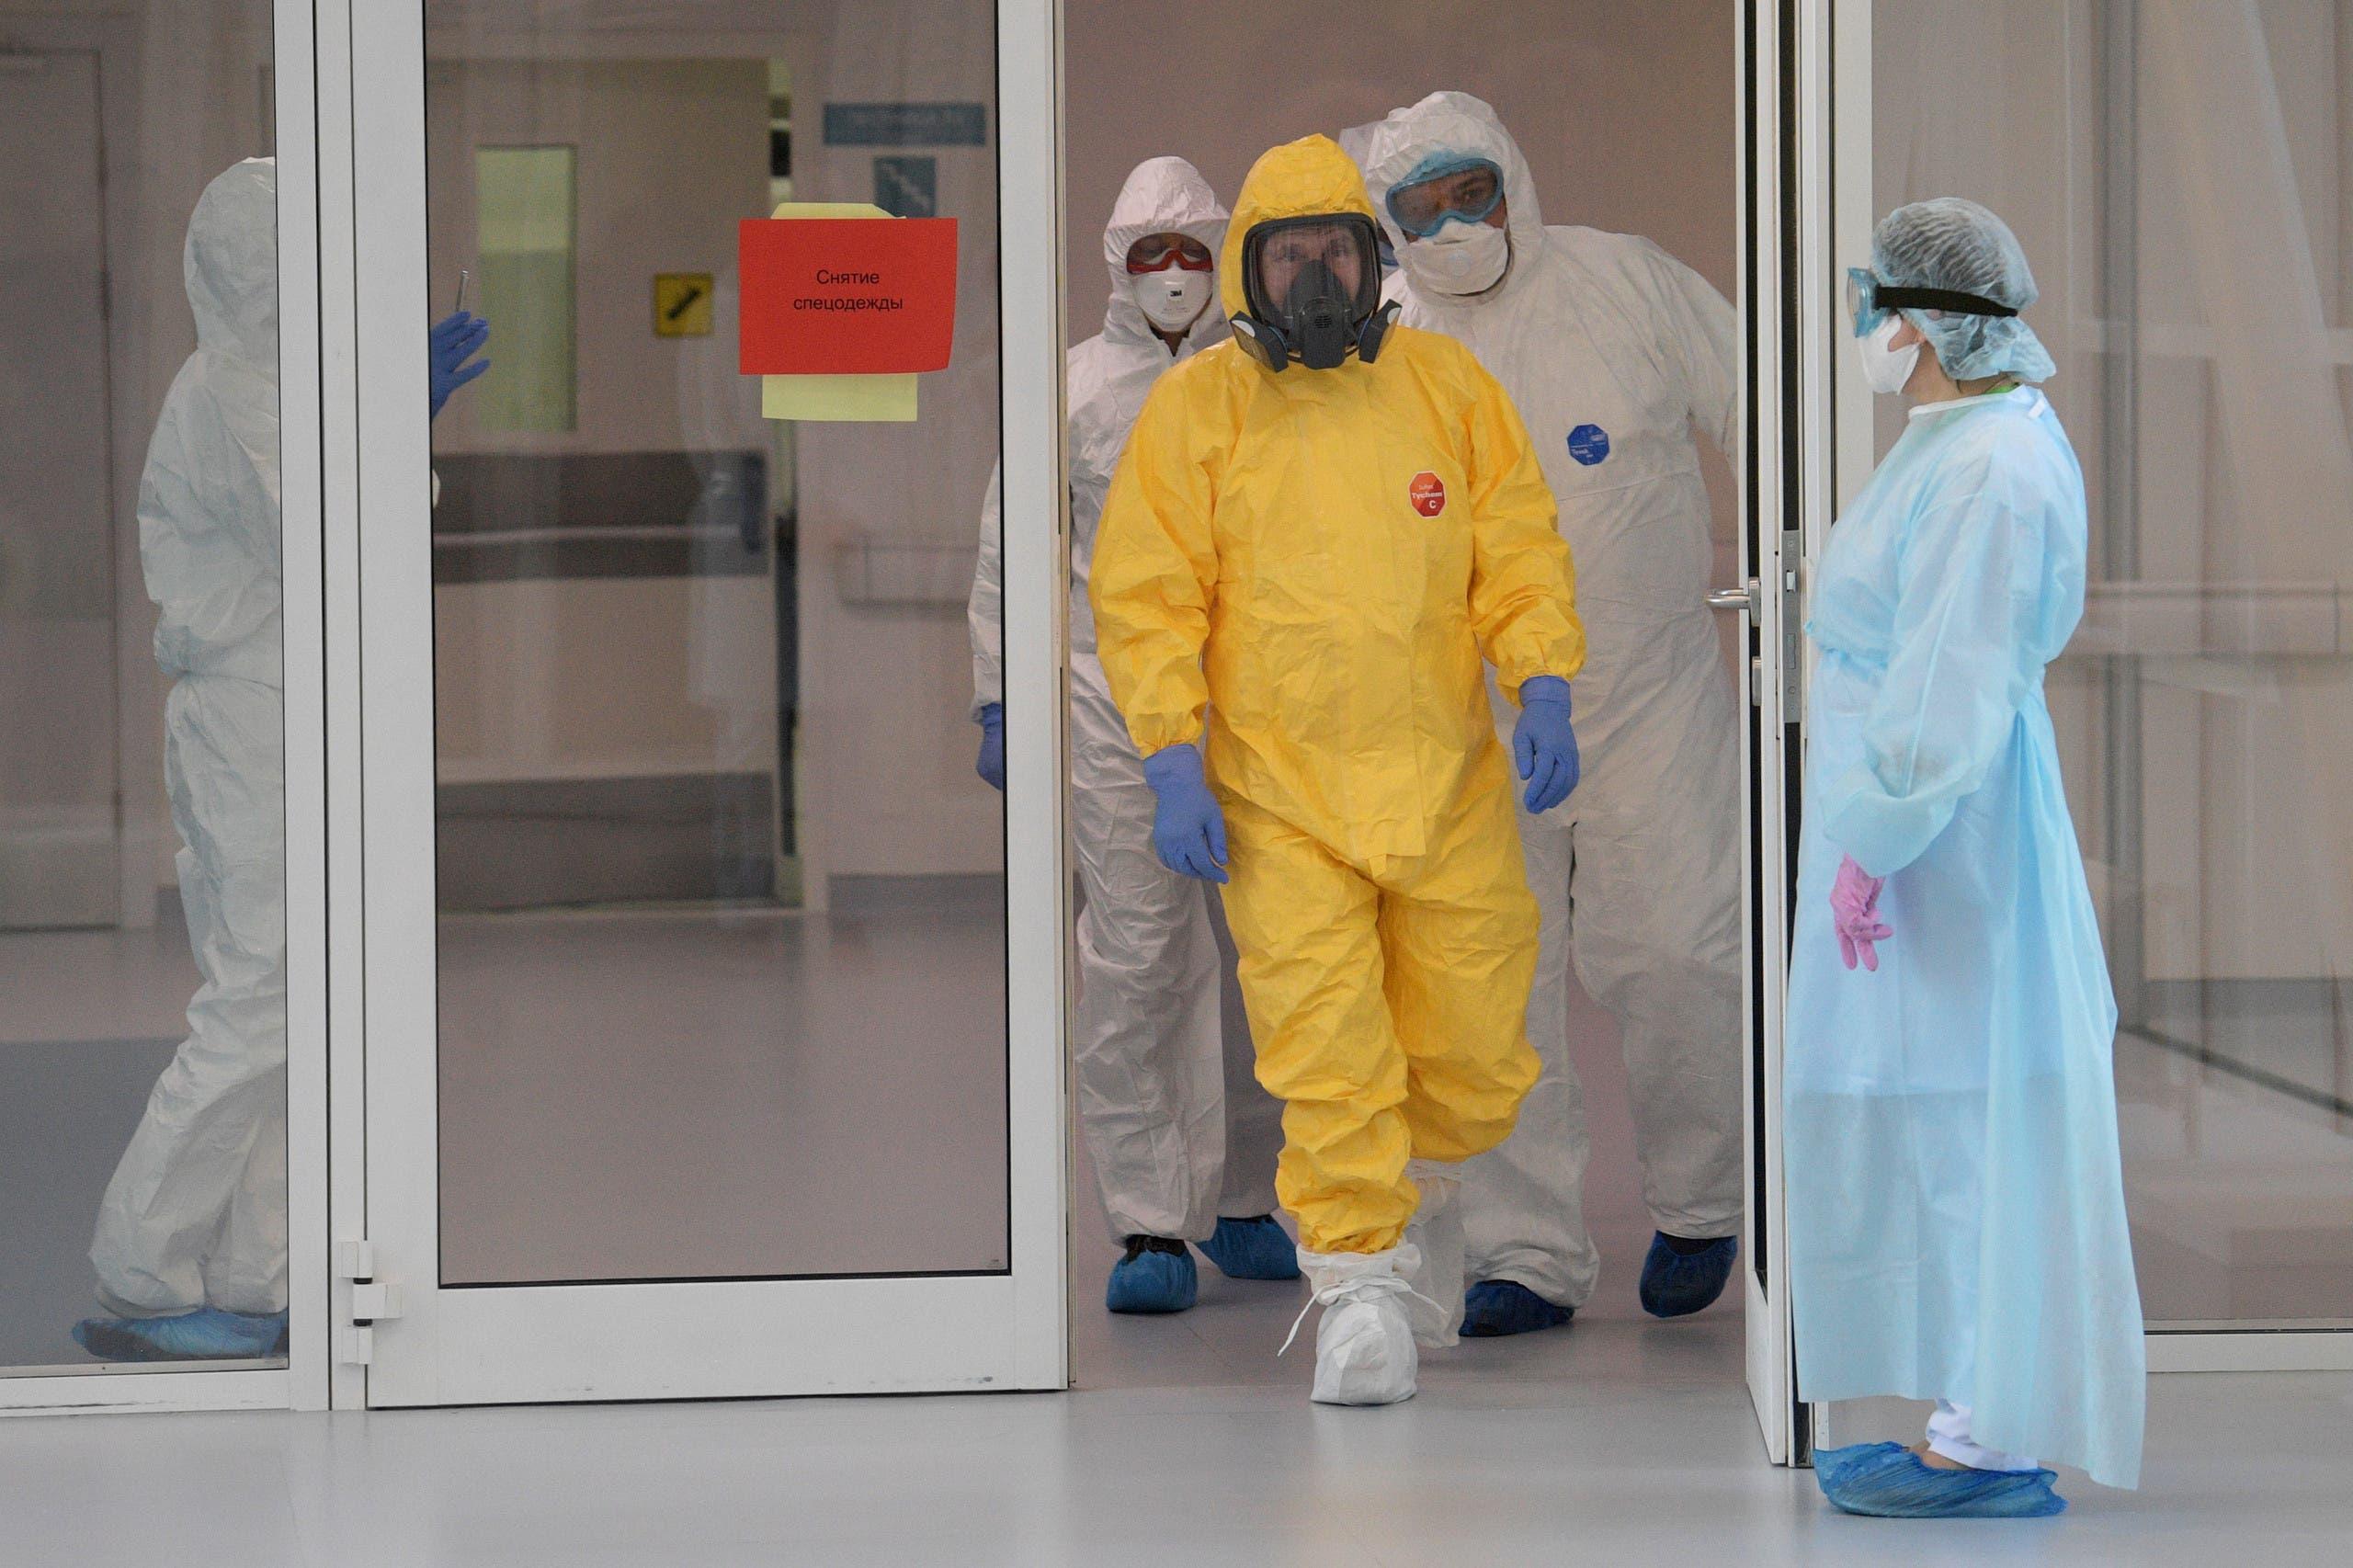 بوتين يزور المستشفى حيث يعالج مصابو كورونا في موسكو